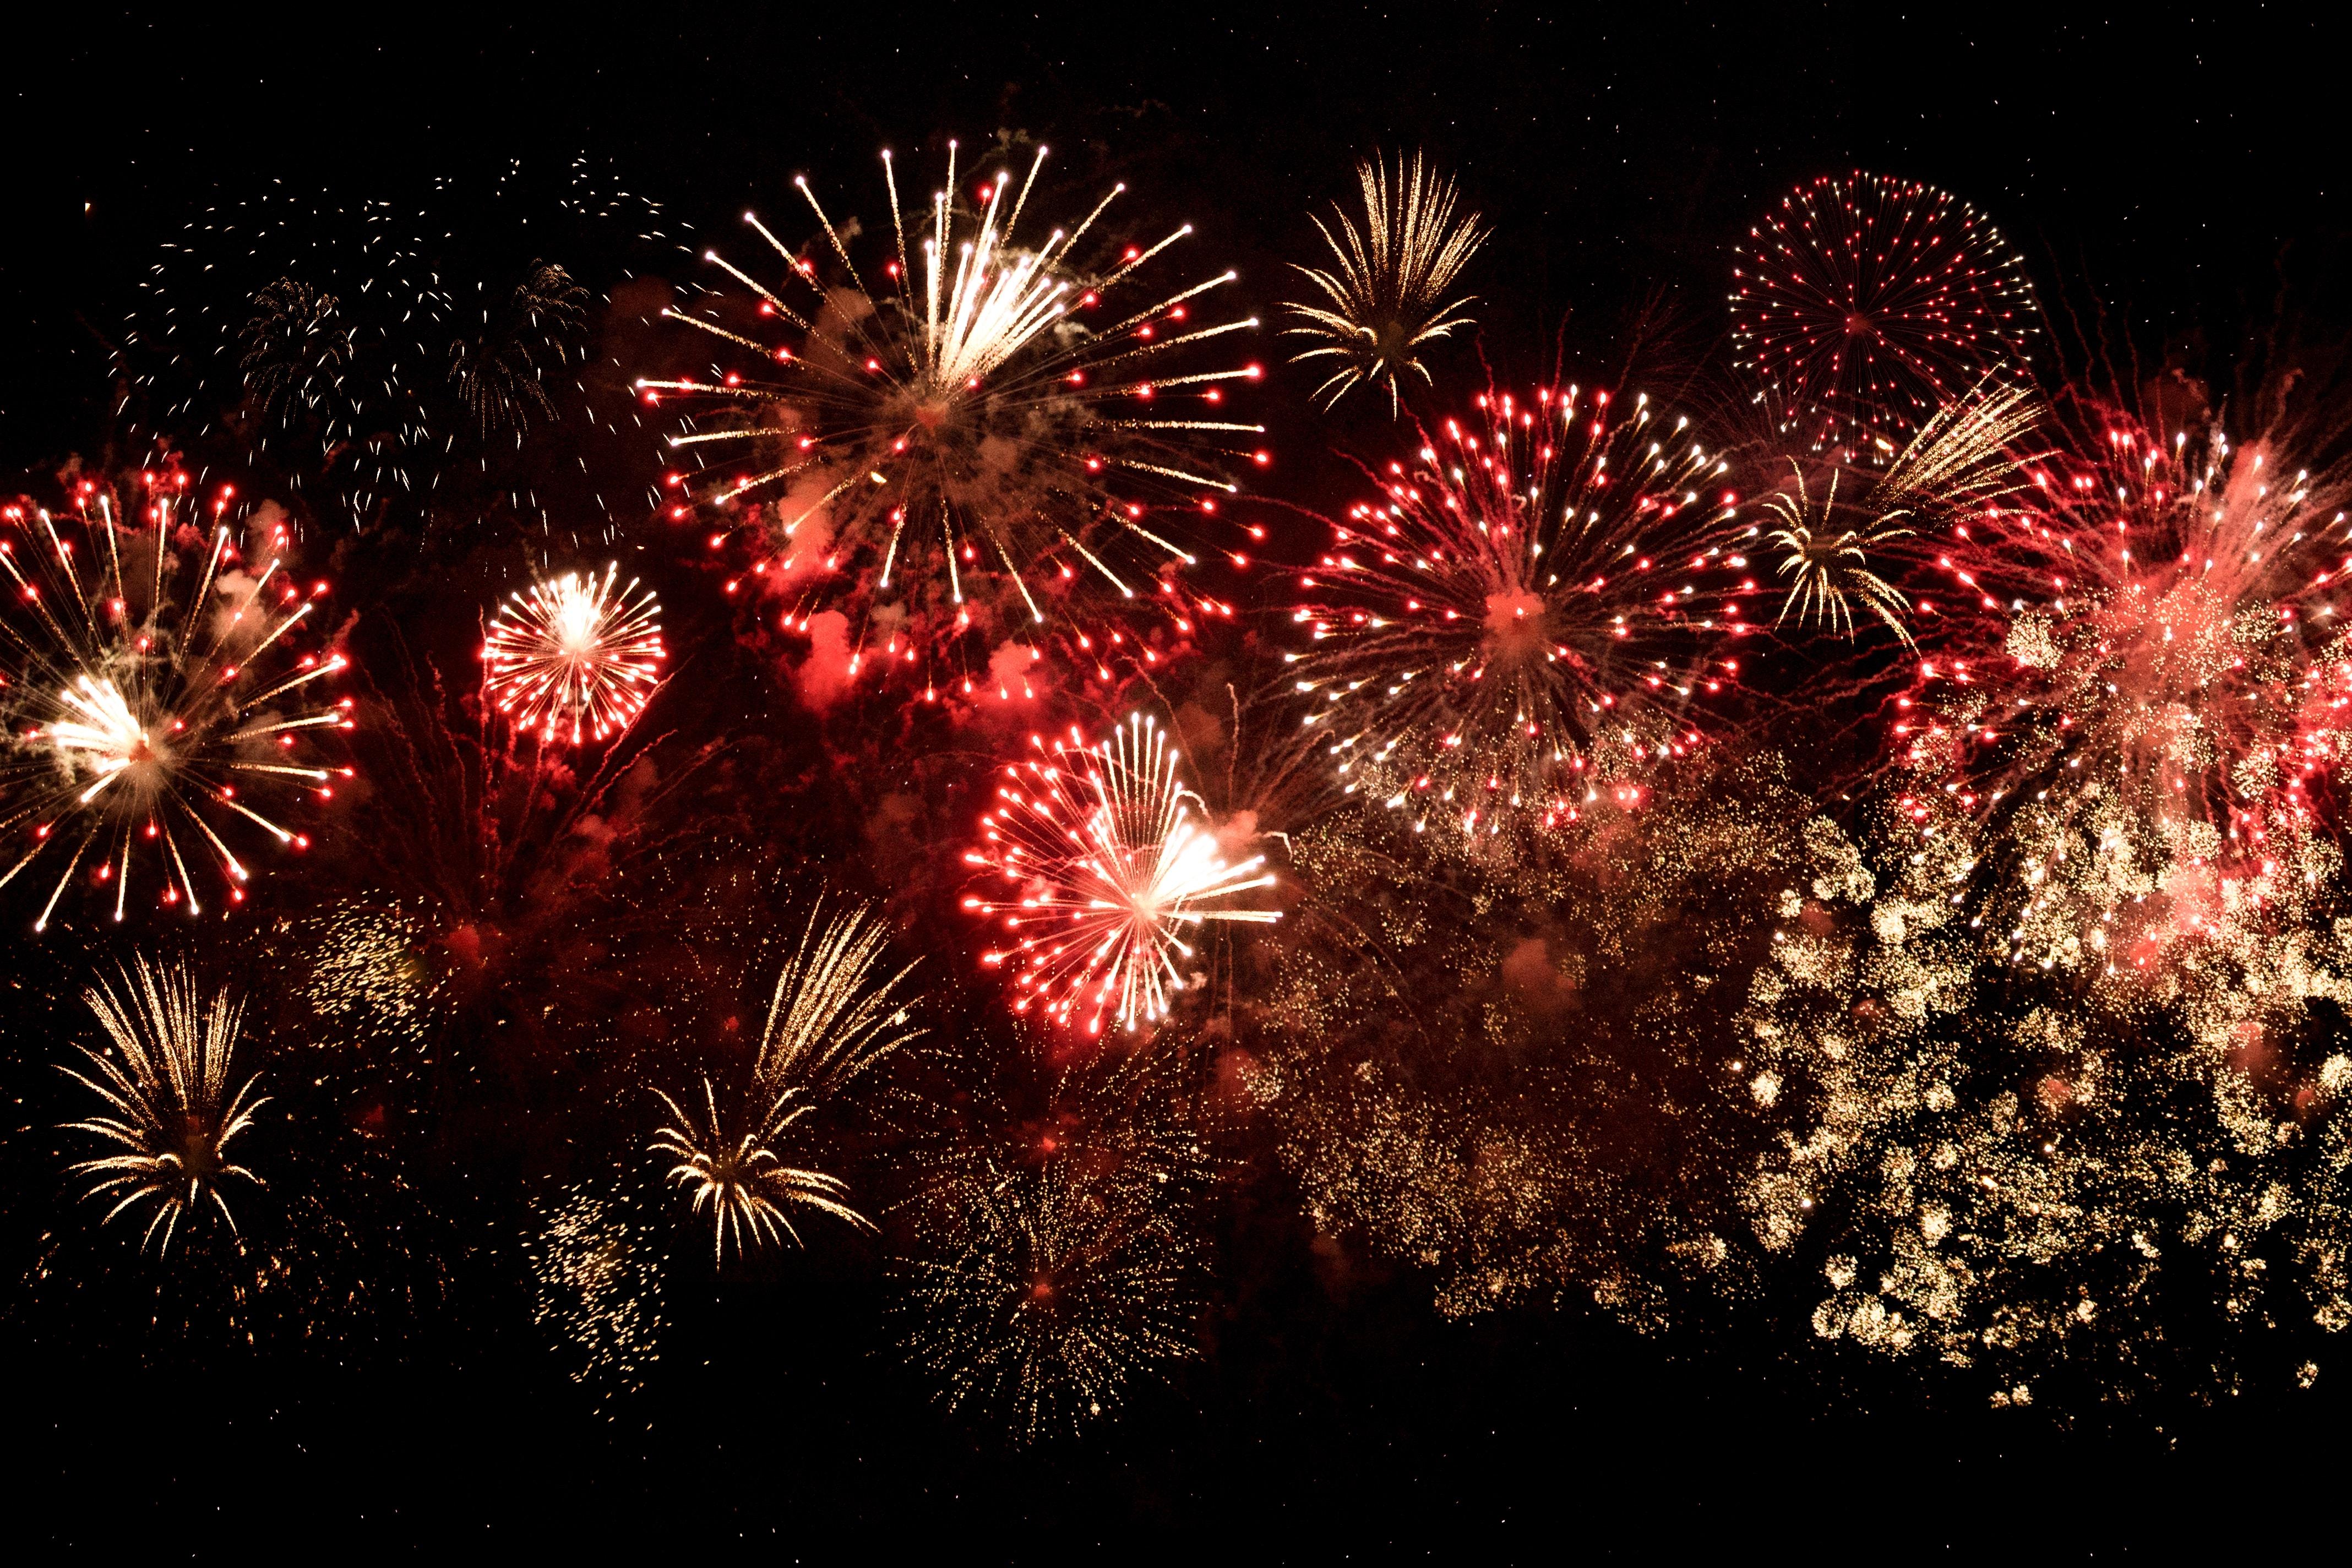 Pråsens nytårsquiz – Nye begyndelser